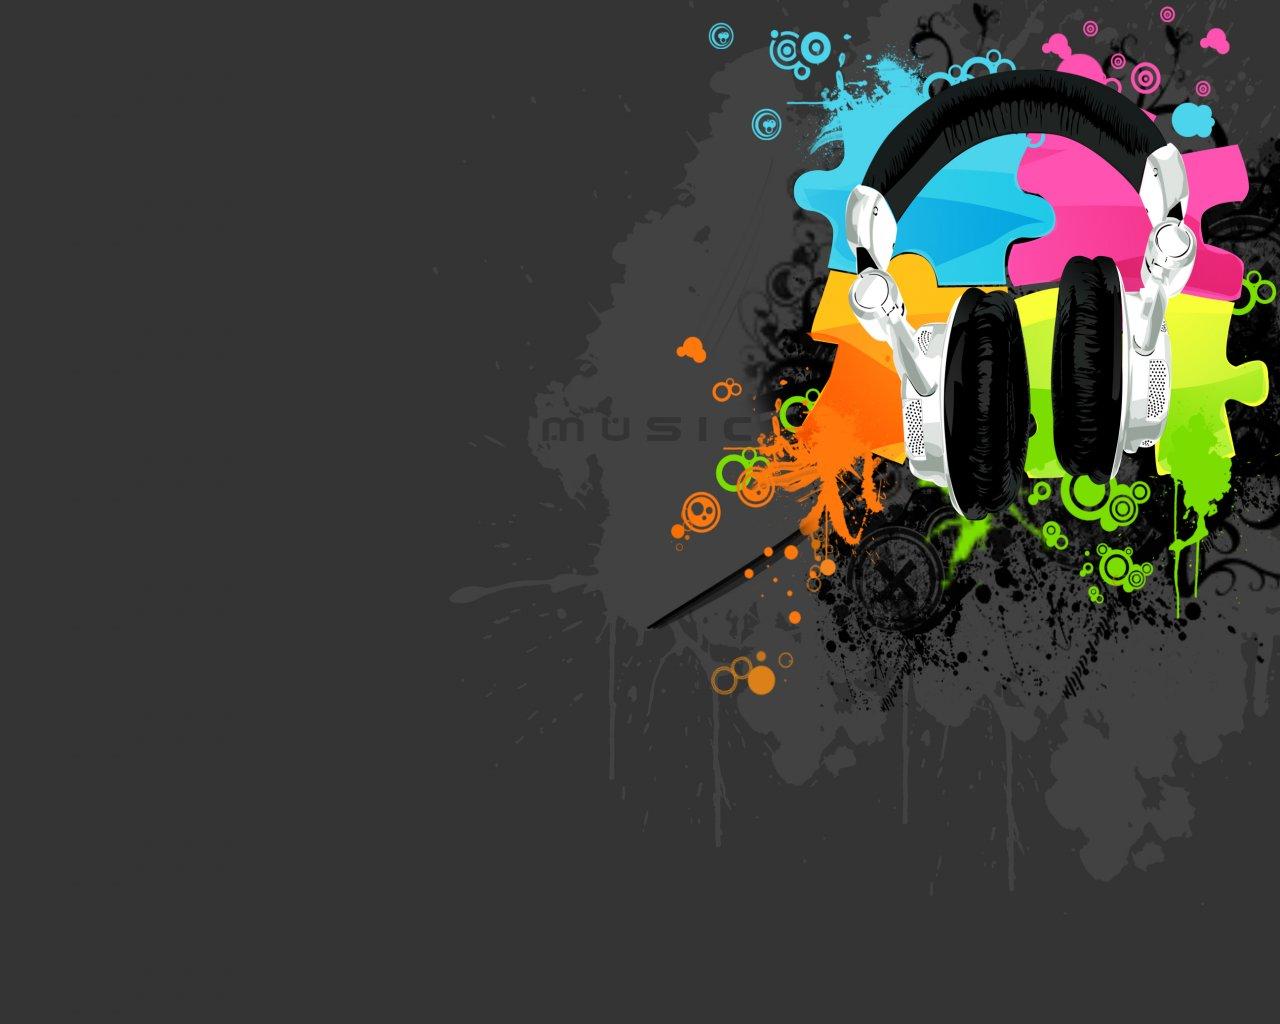 http://2.bp.blogspot.com/-Ay7VHIIoPwE/UEXmYD7SV5I/AAAAAAAABJA/SYQXbmDySo0/s1600/music%2Bwallpapers%2Bhd%2B3.jpg